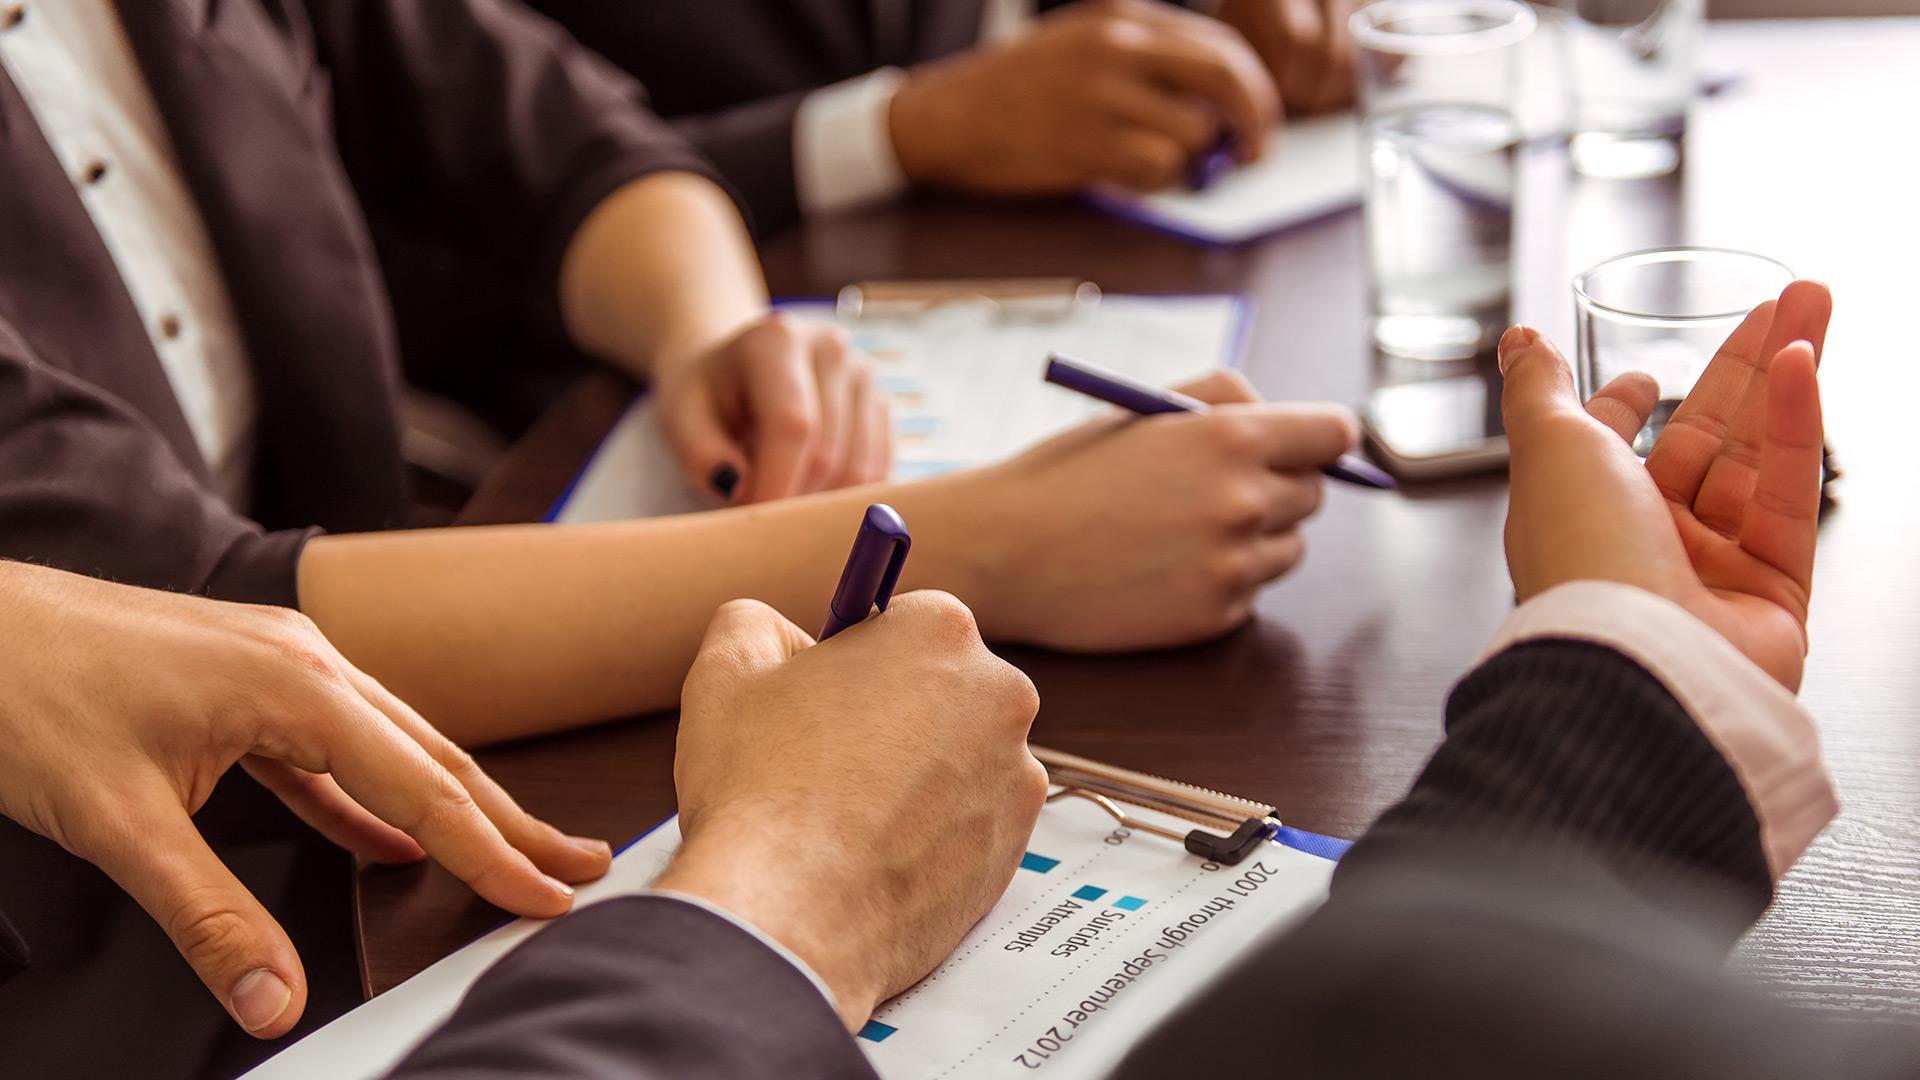 Gros plan sur des mains qui tiennent des stylos sur une table de réunion